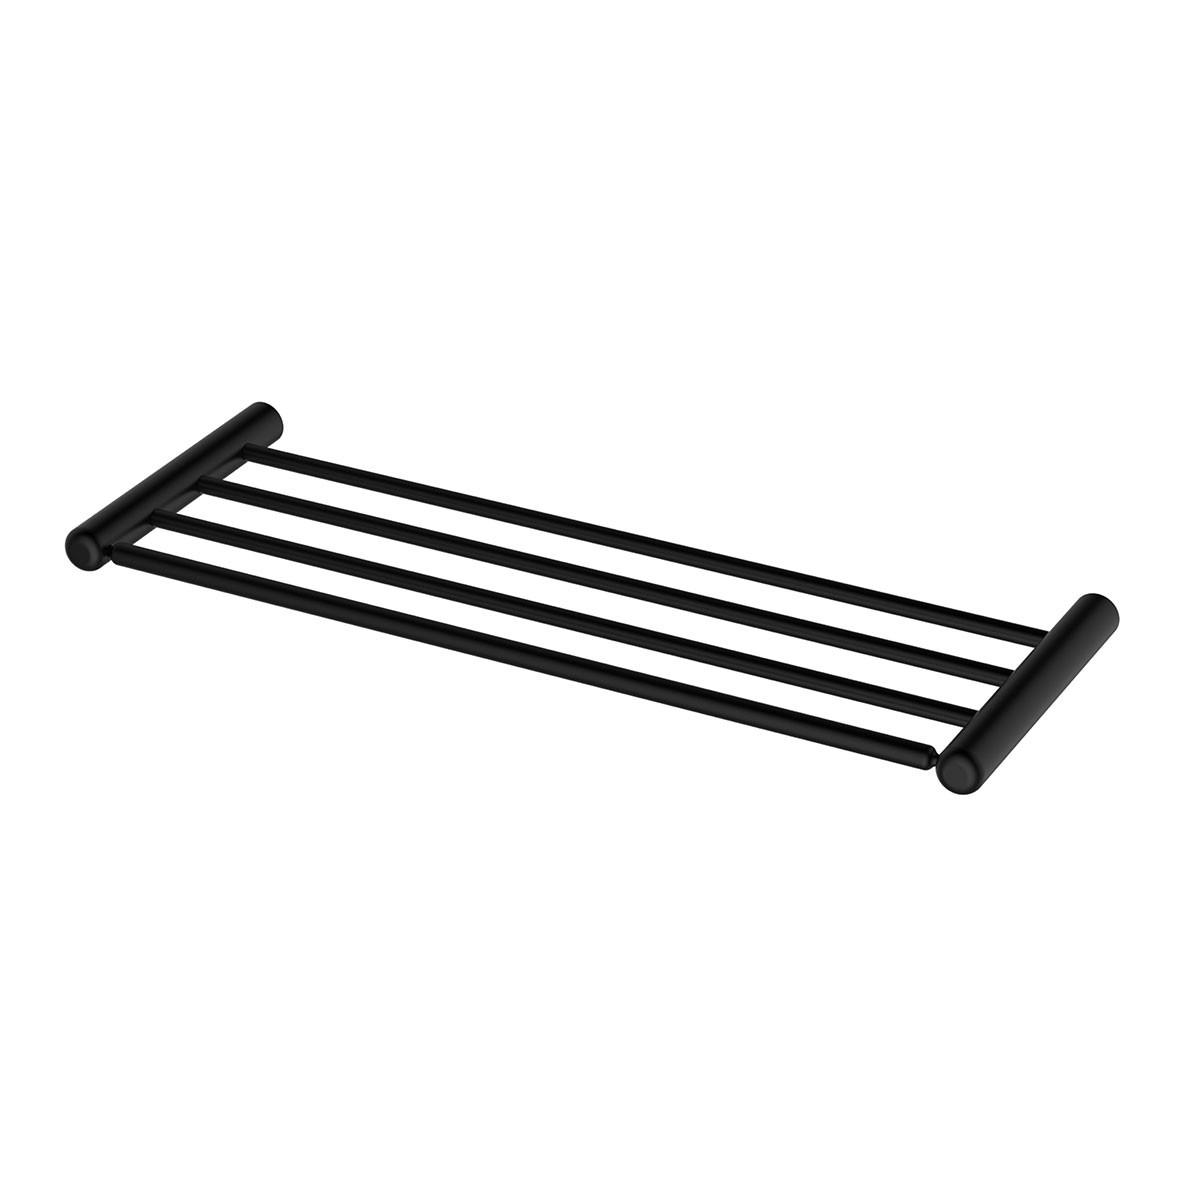 Support à Serviettes de Bain avec Porte-Serviette de 23.6 po - Acier Inoxydable Noir Mat (OD80612B)